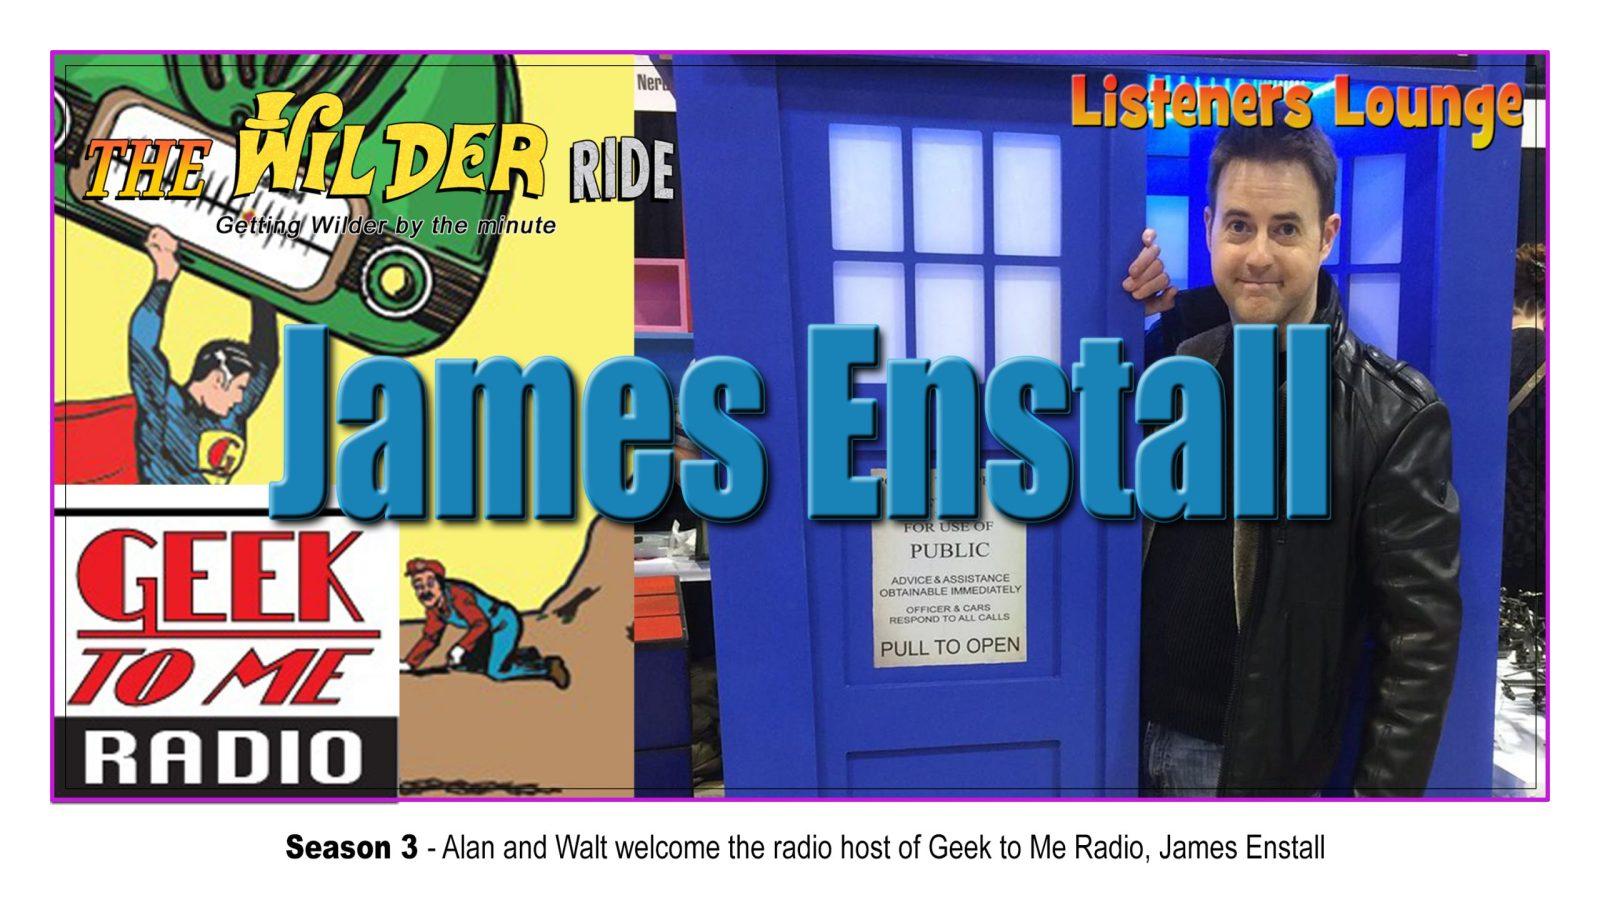 James Enstall